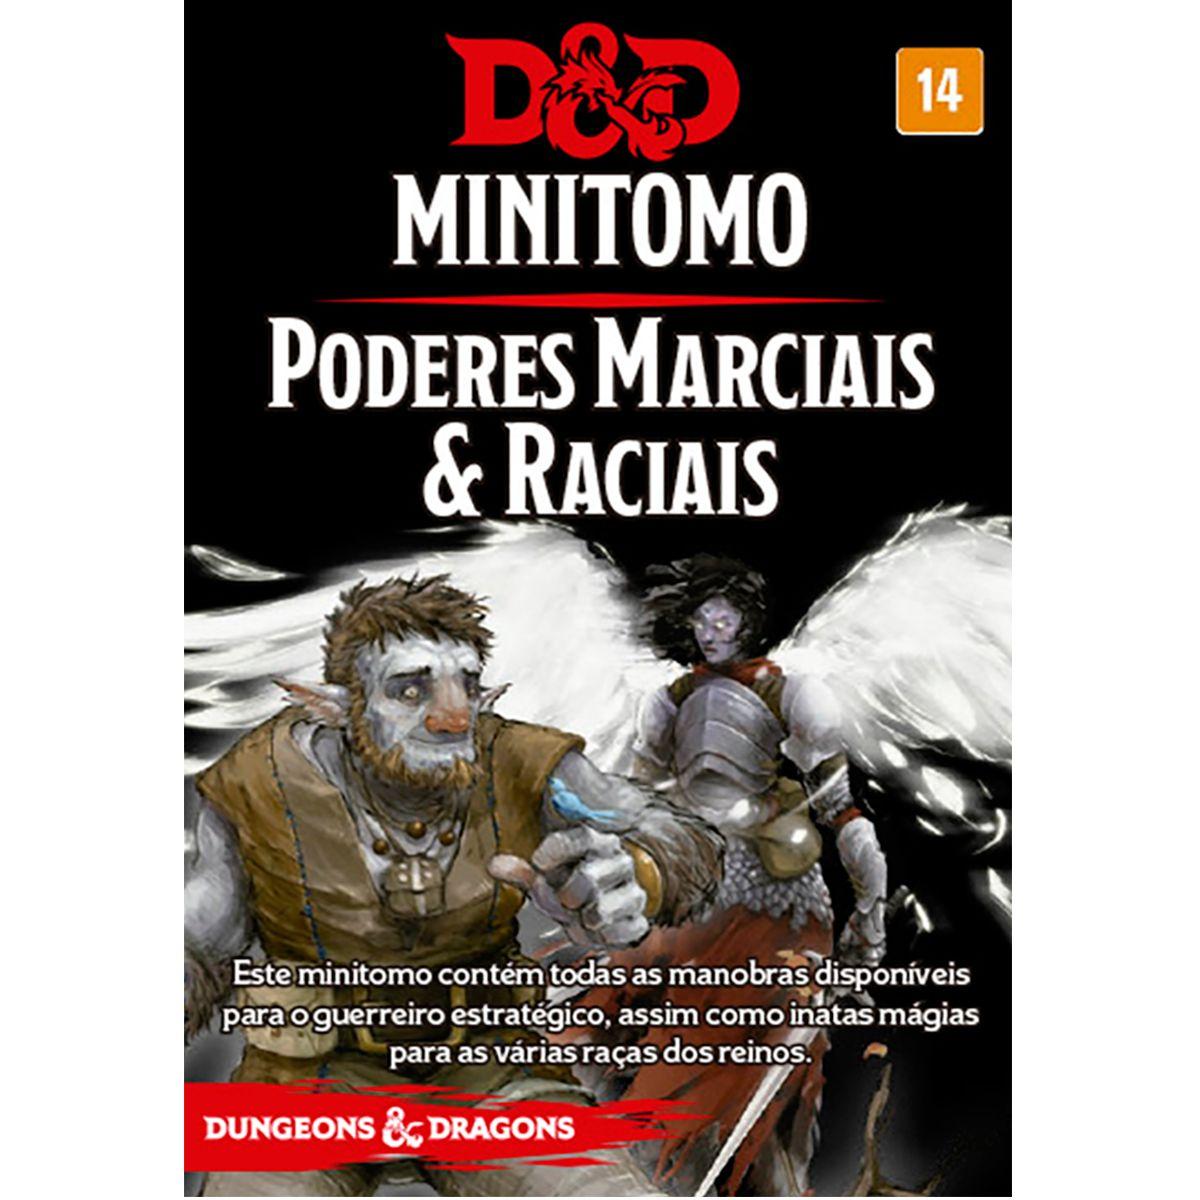 Dungeons and Dragons MInitomo Poderes Marciais e Raciais Deck RPG